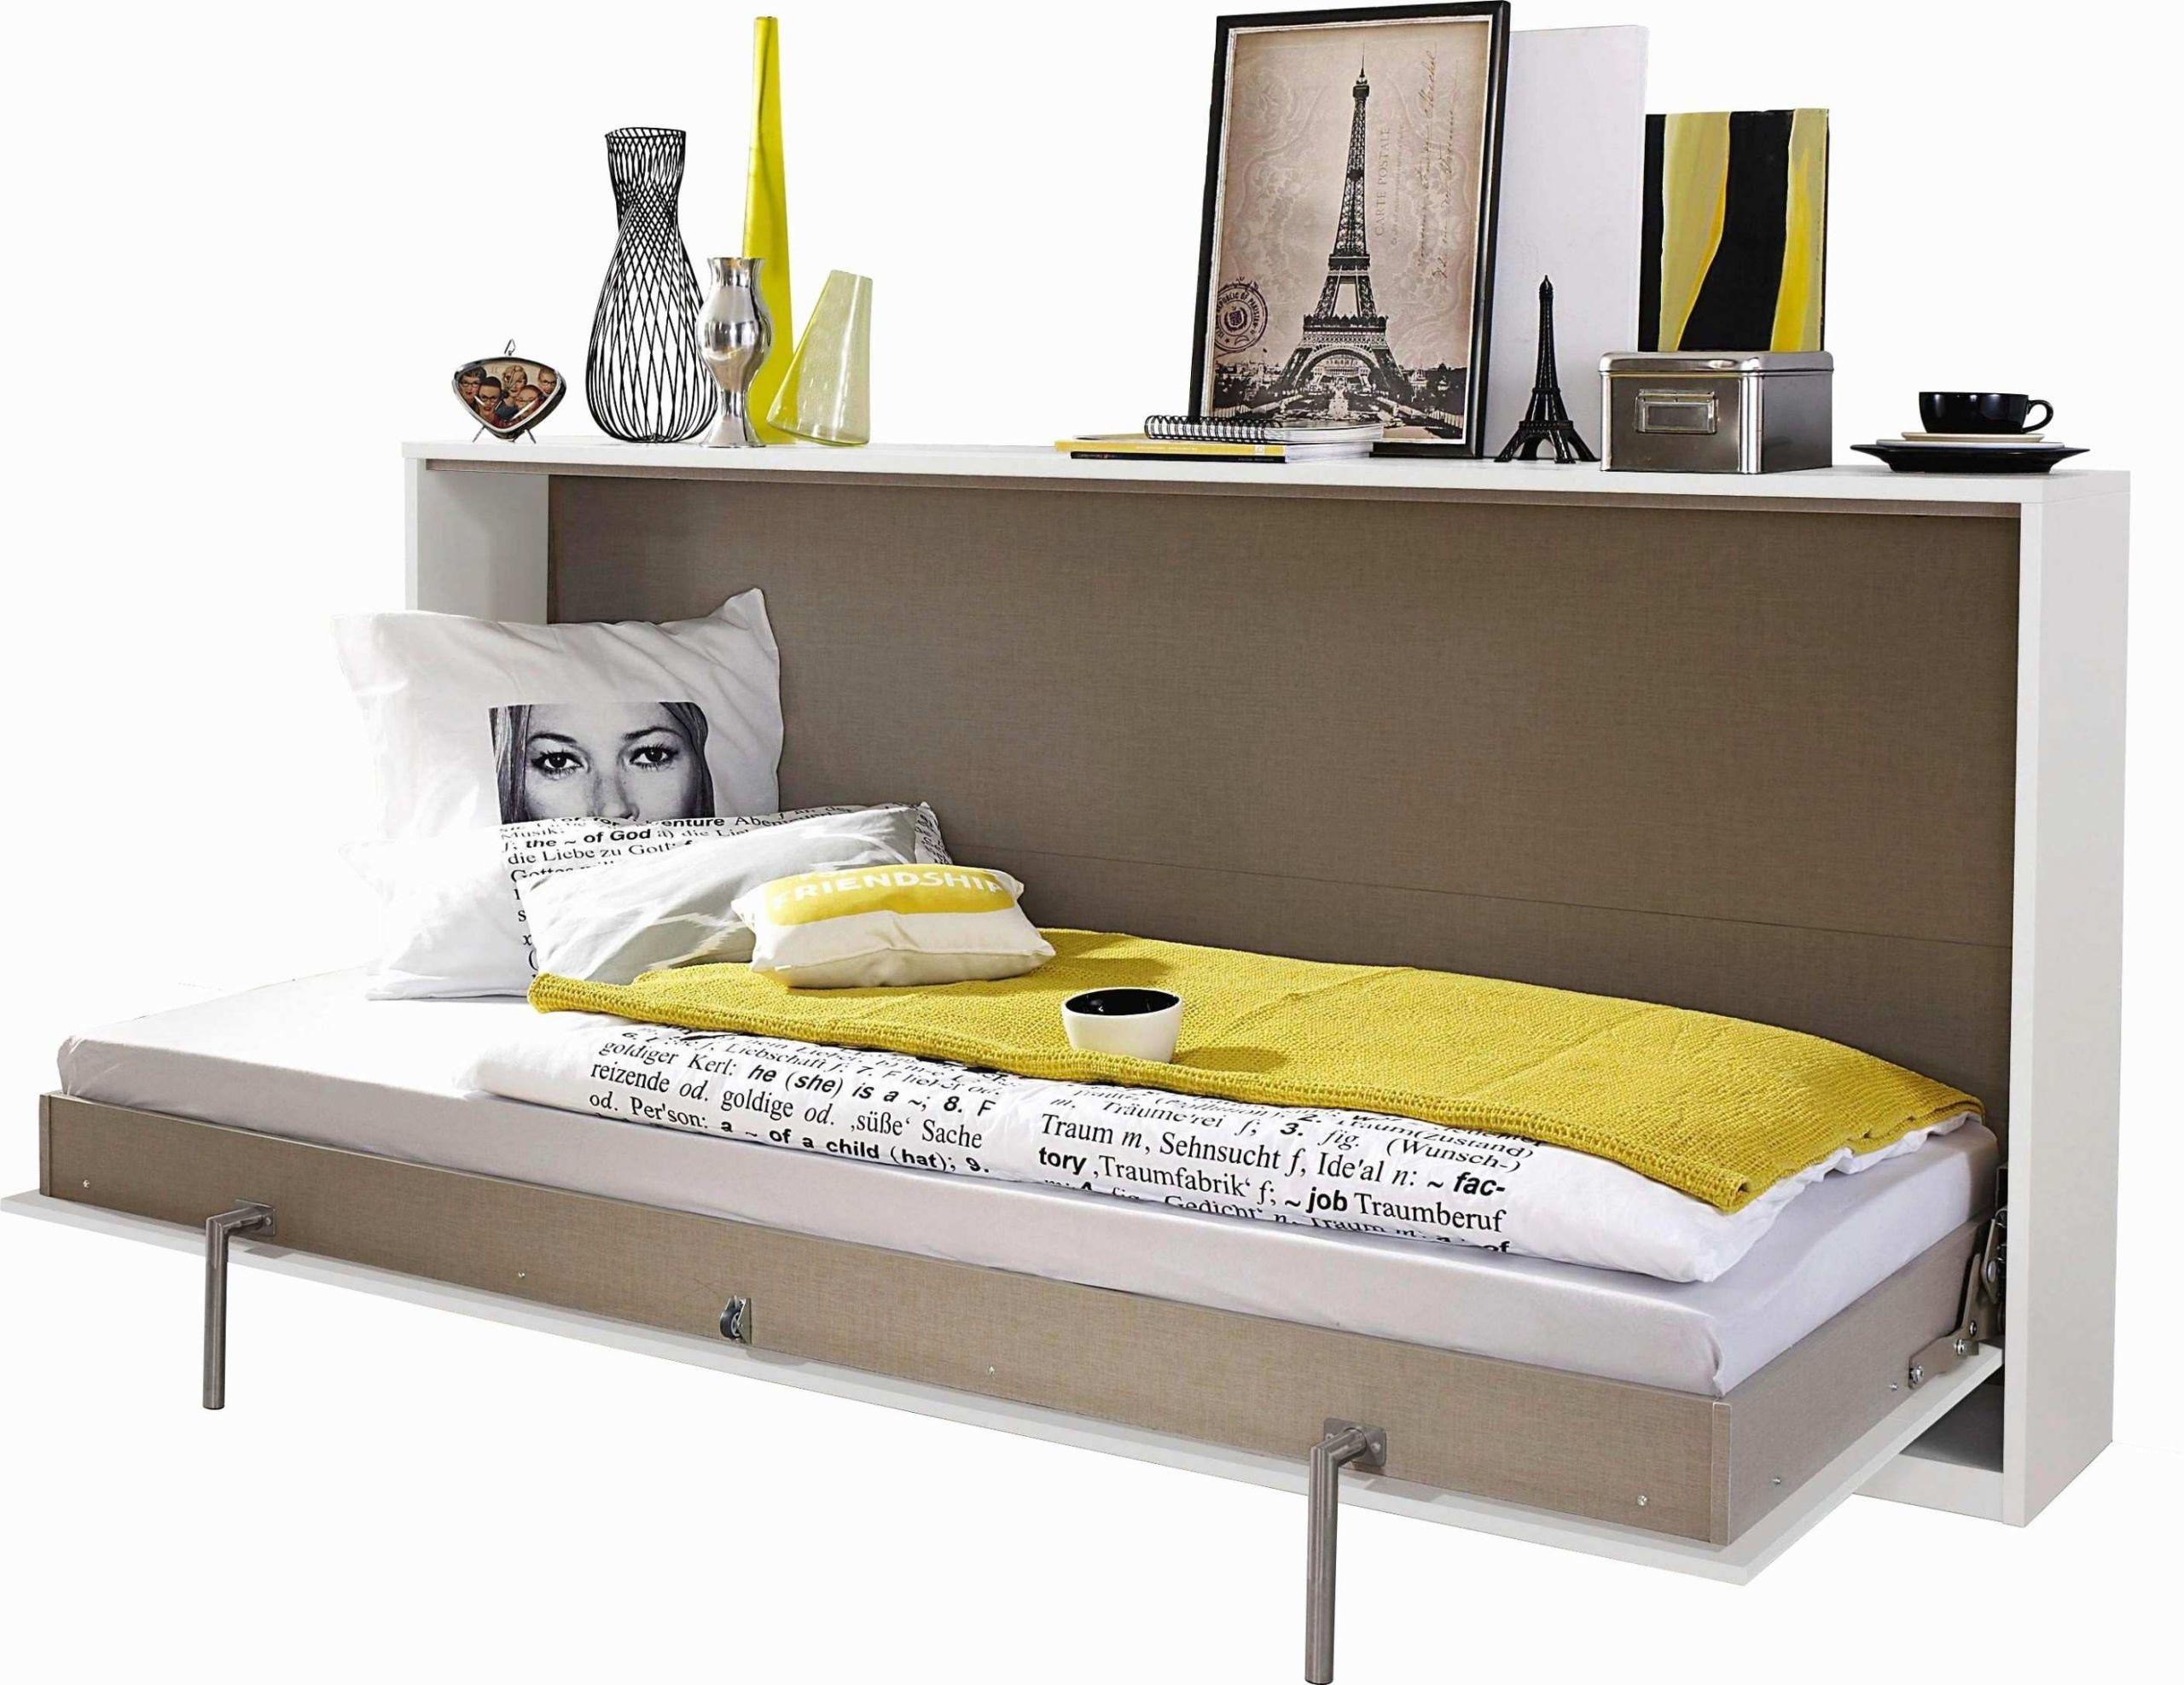 wandtattoo selber erstellen luxus wandtattoo schlafzimmer selbst gestalten einzigartig 35 das of wandtattoo selber erstellen